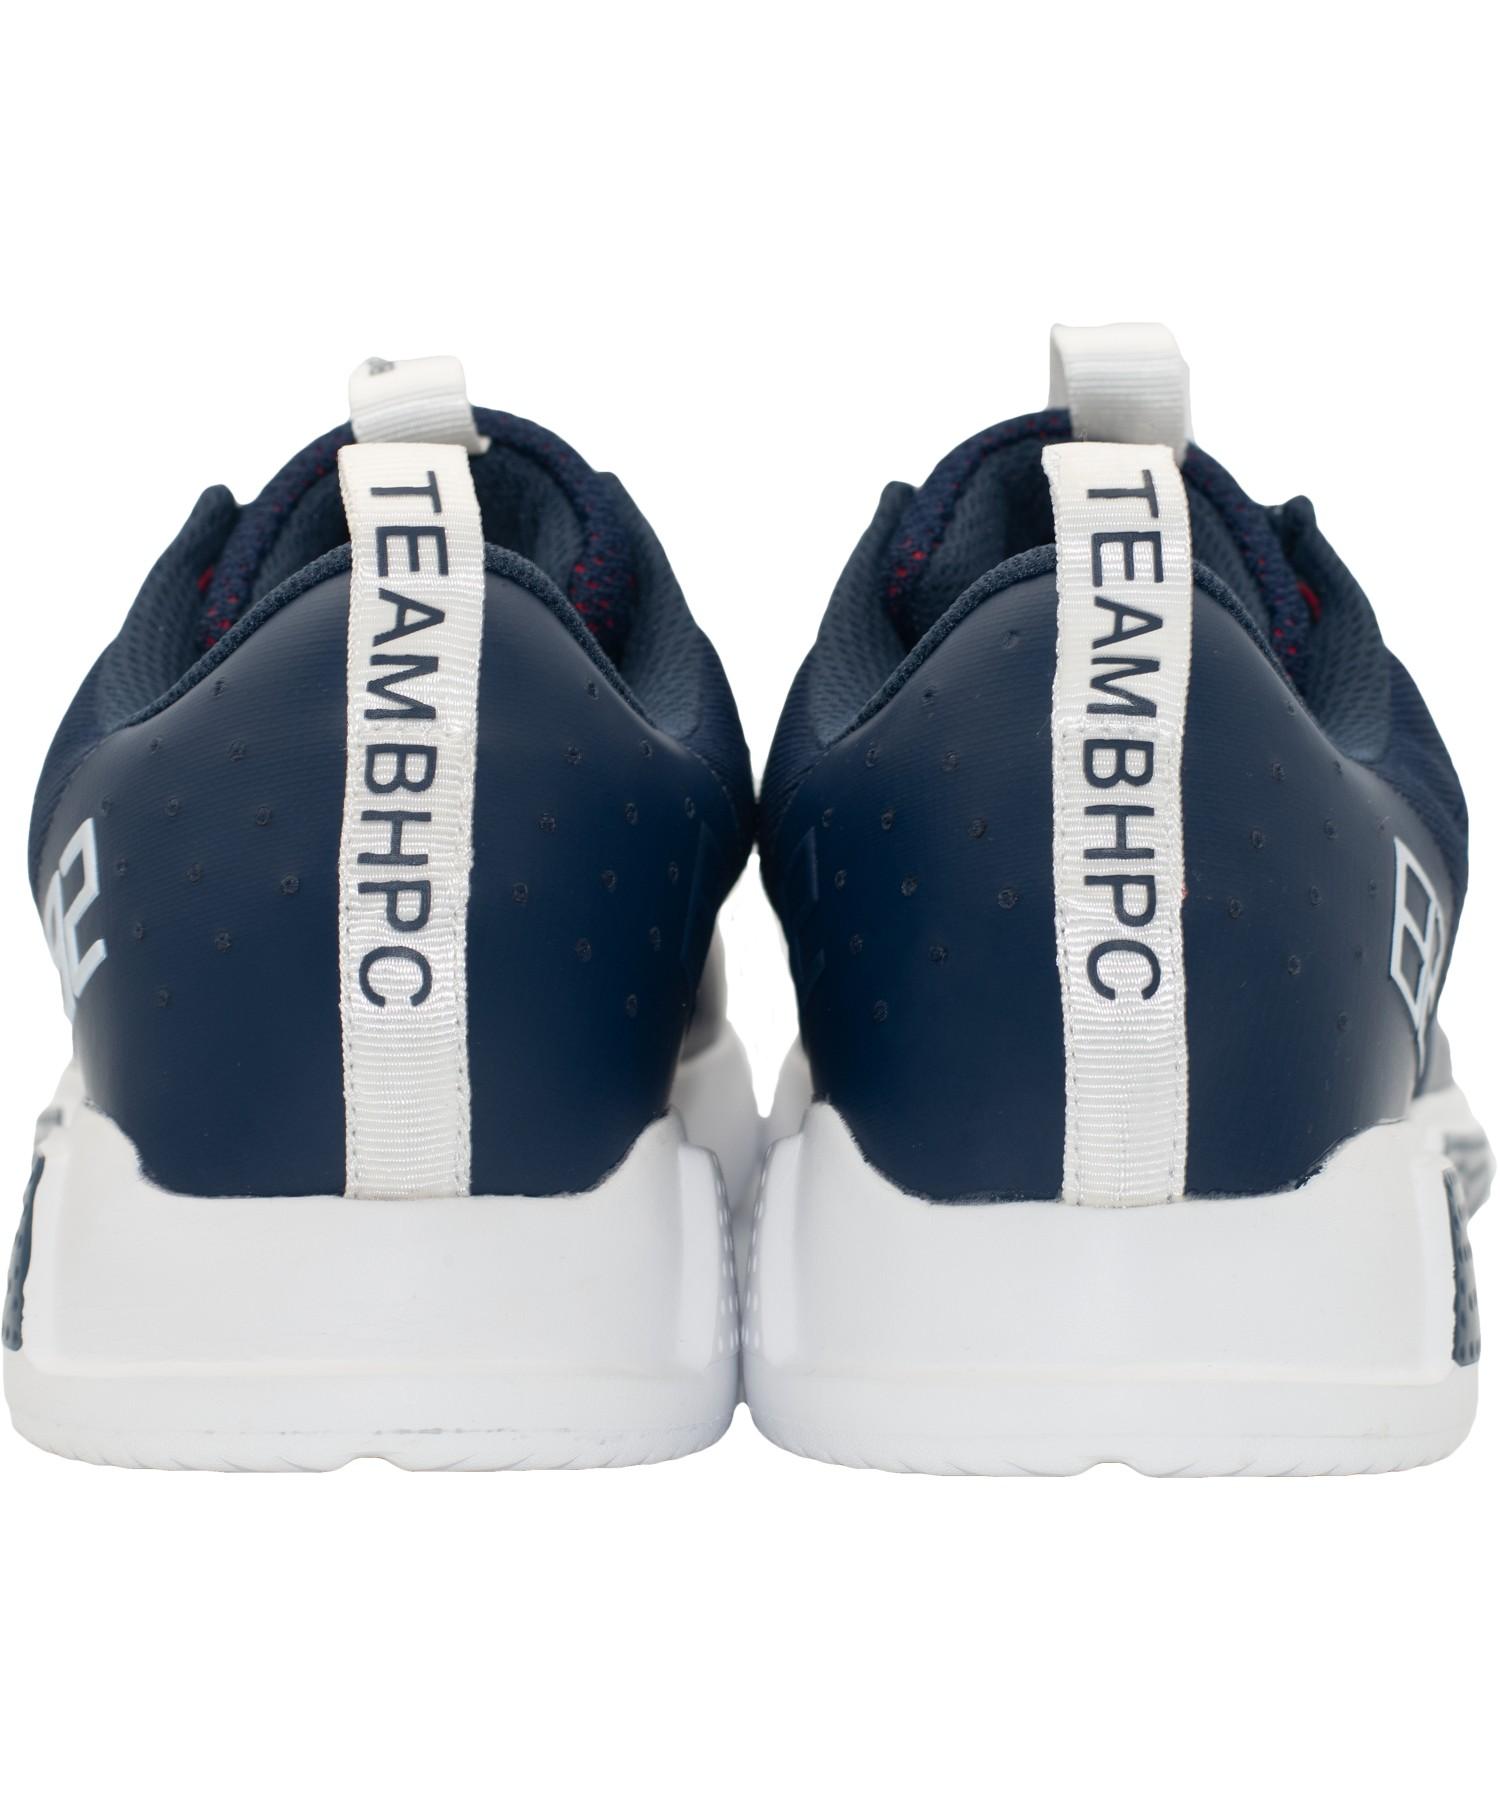 Zapatillas de Hombre Bhpc Lift Azul-Blanco